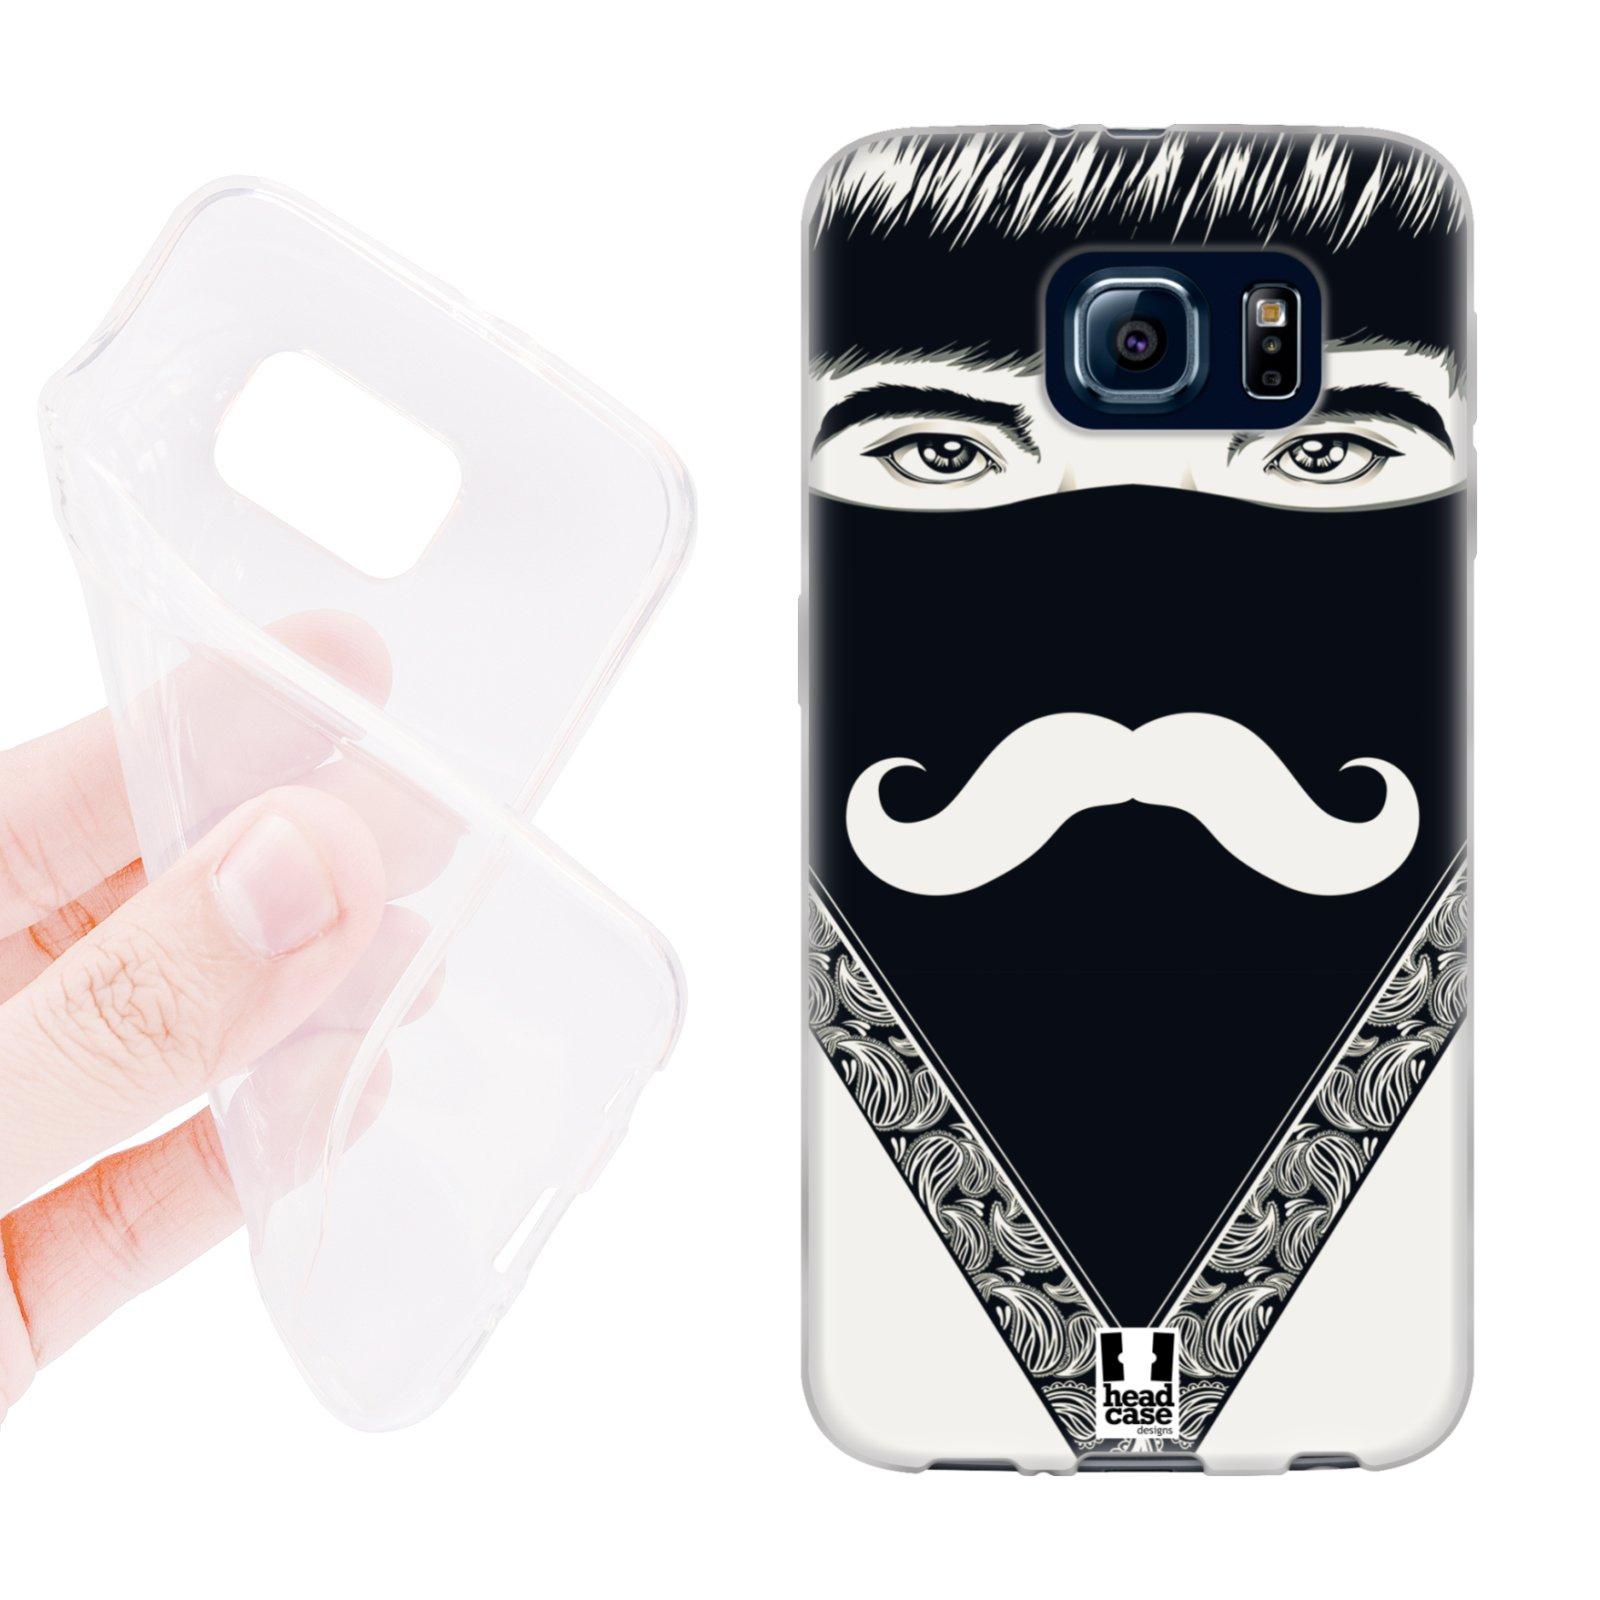 HEAD CASE silikonový obal na mobil Samsung galaxy S6 šátek knírek černá a bílá